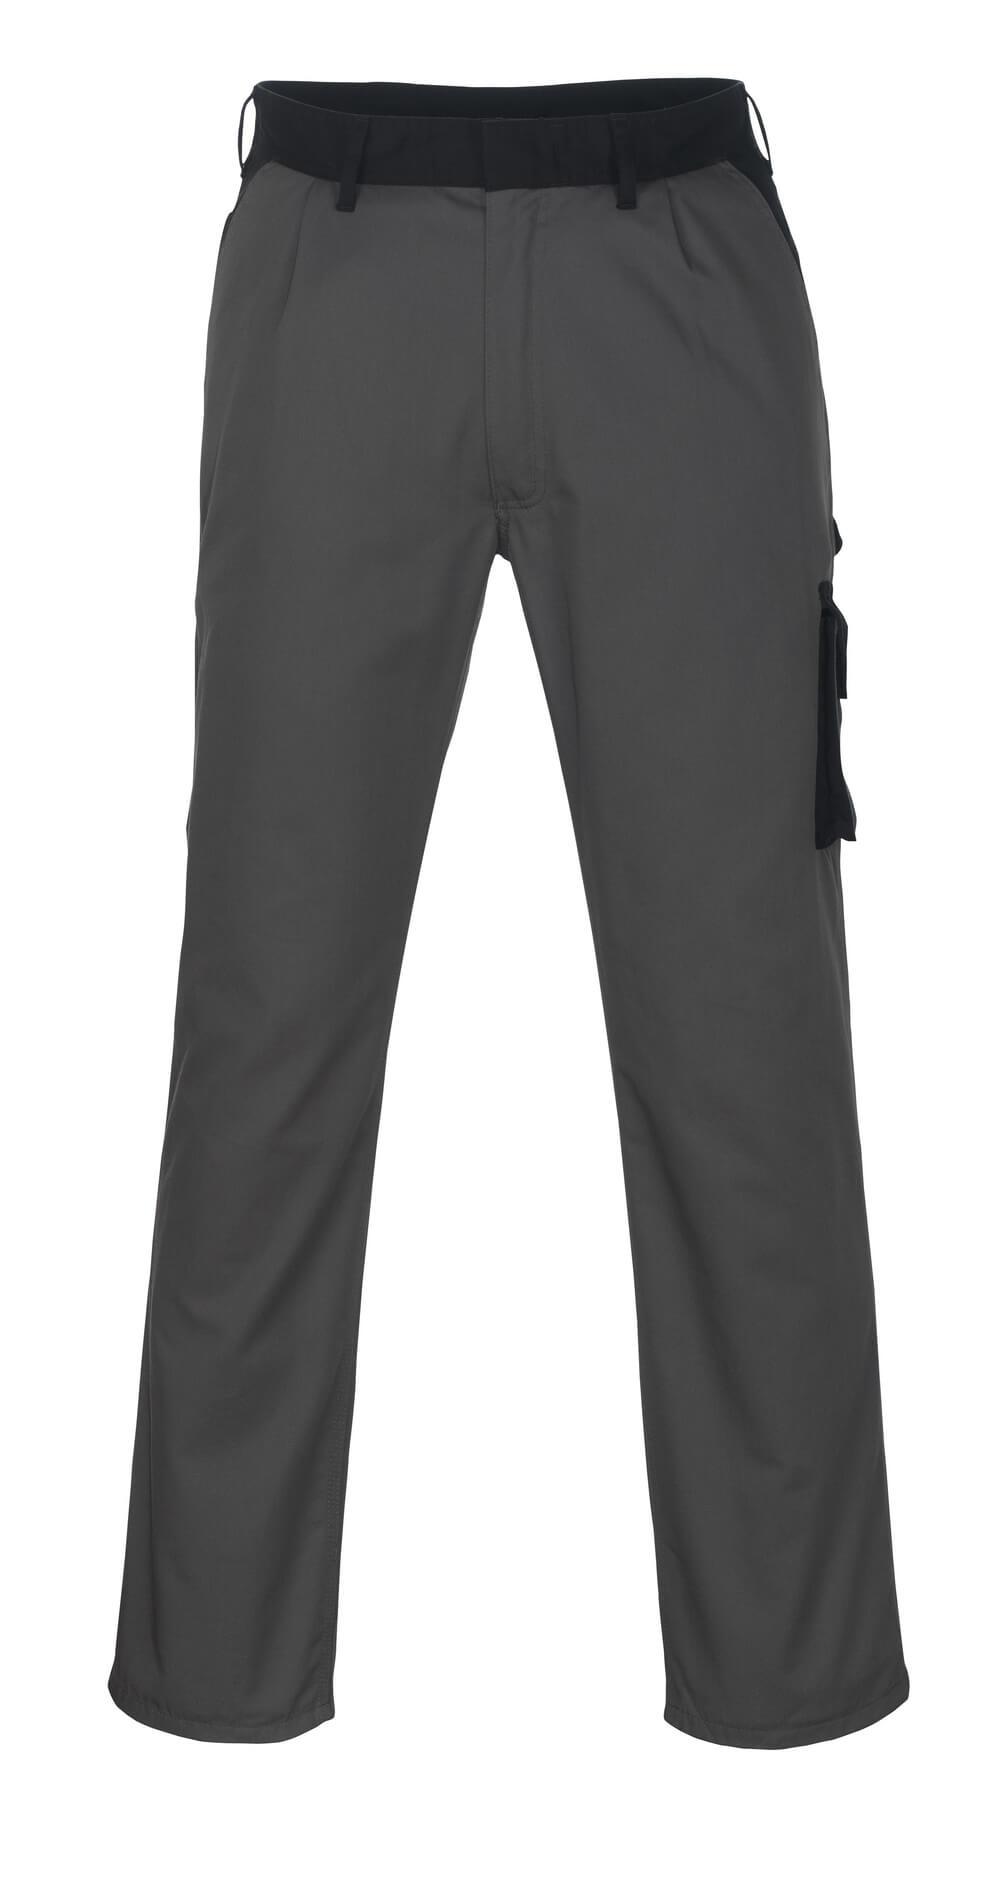 08779-442-8889 Pantalones con bolsillos de muslo - antracita/negro